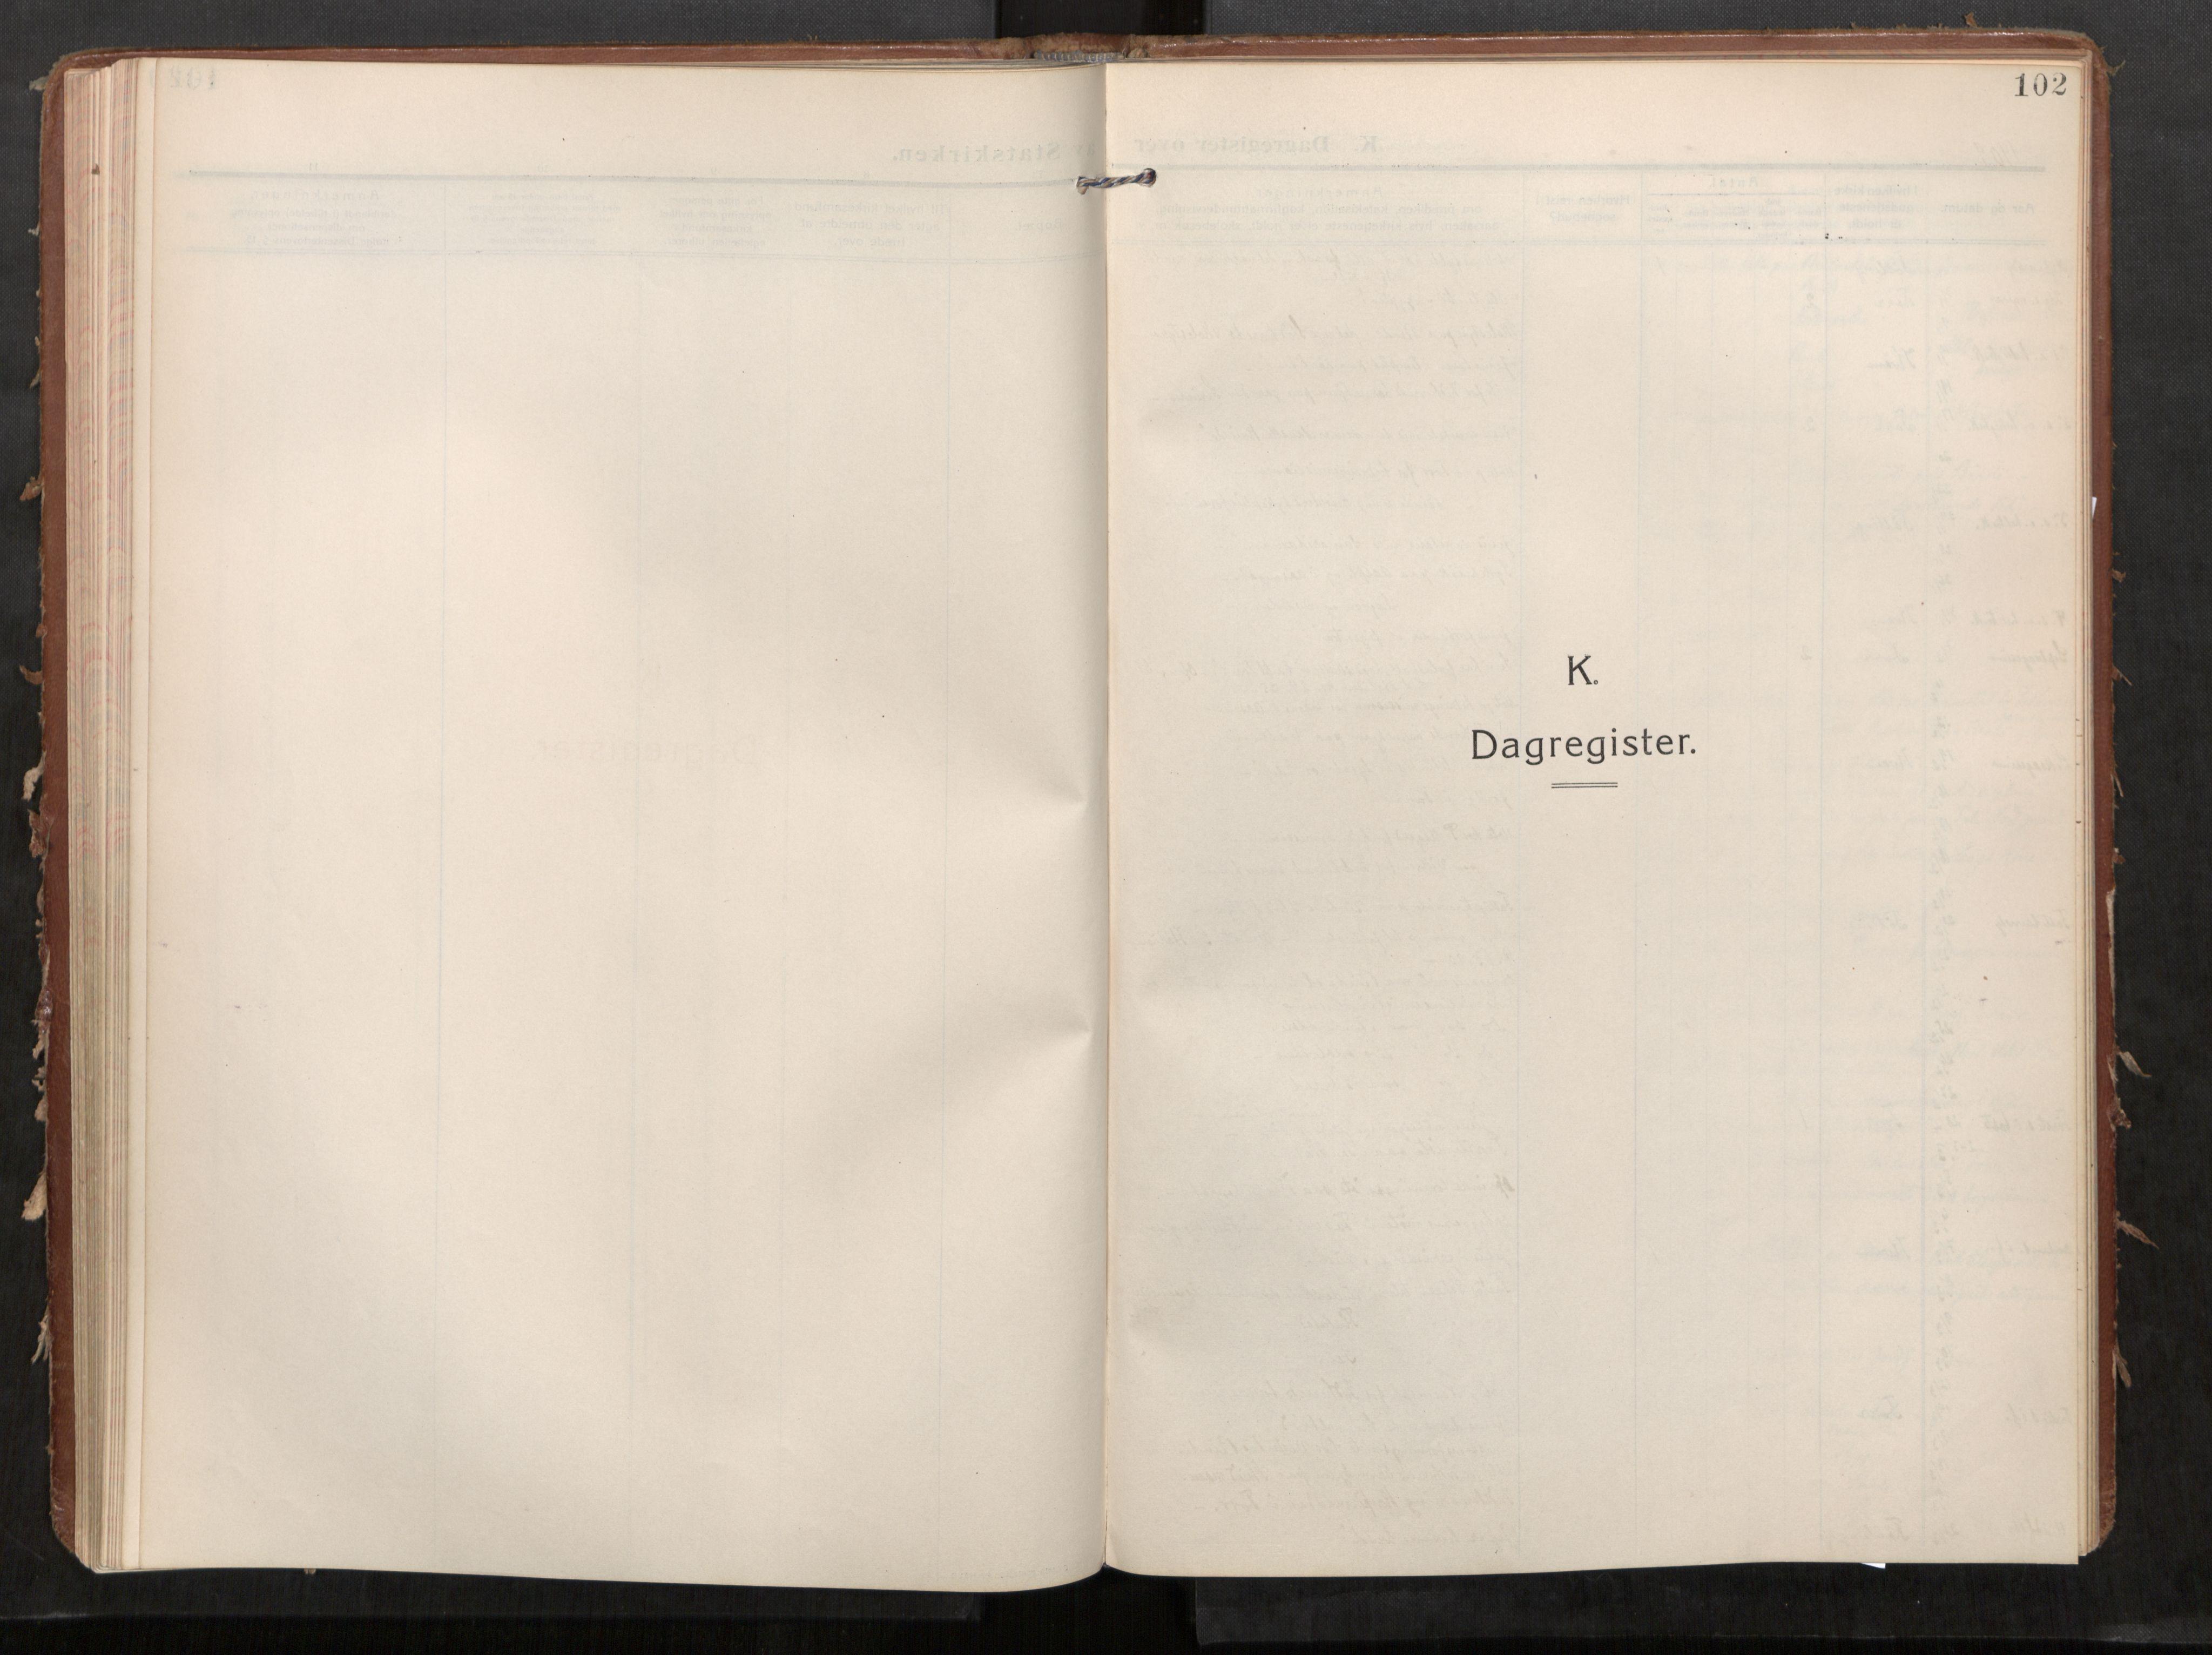 SAT, Stod sokneprestkontor, I/I1/I1a/L0002: Parish register (official) no. 2, 1909-1922, p. 102